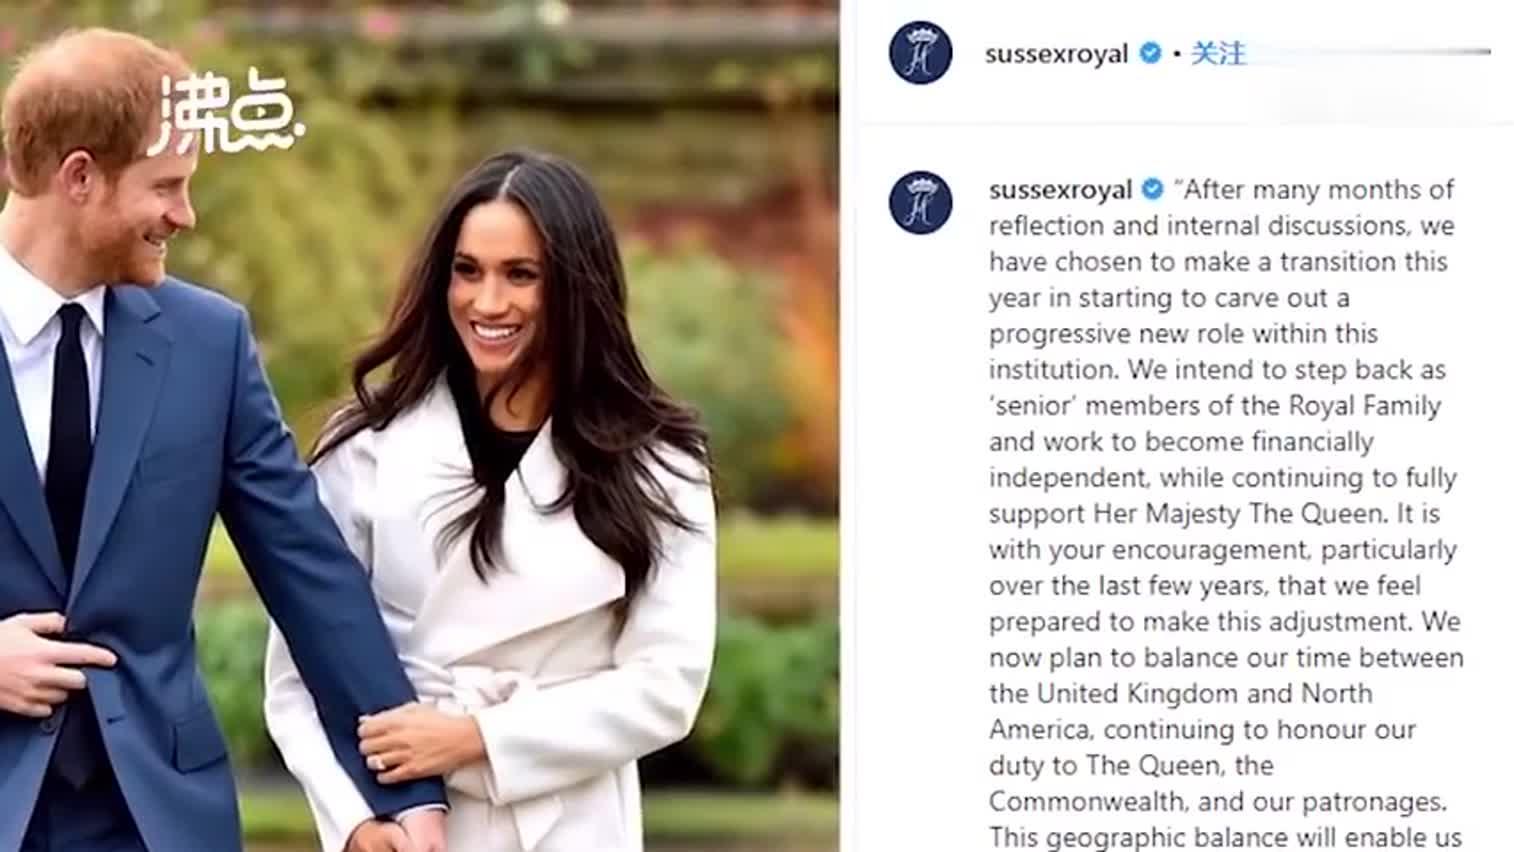 视频-哈里夫妇计划退任王室高级成员身份 称将努力